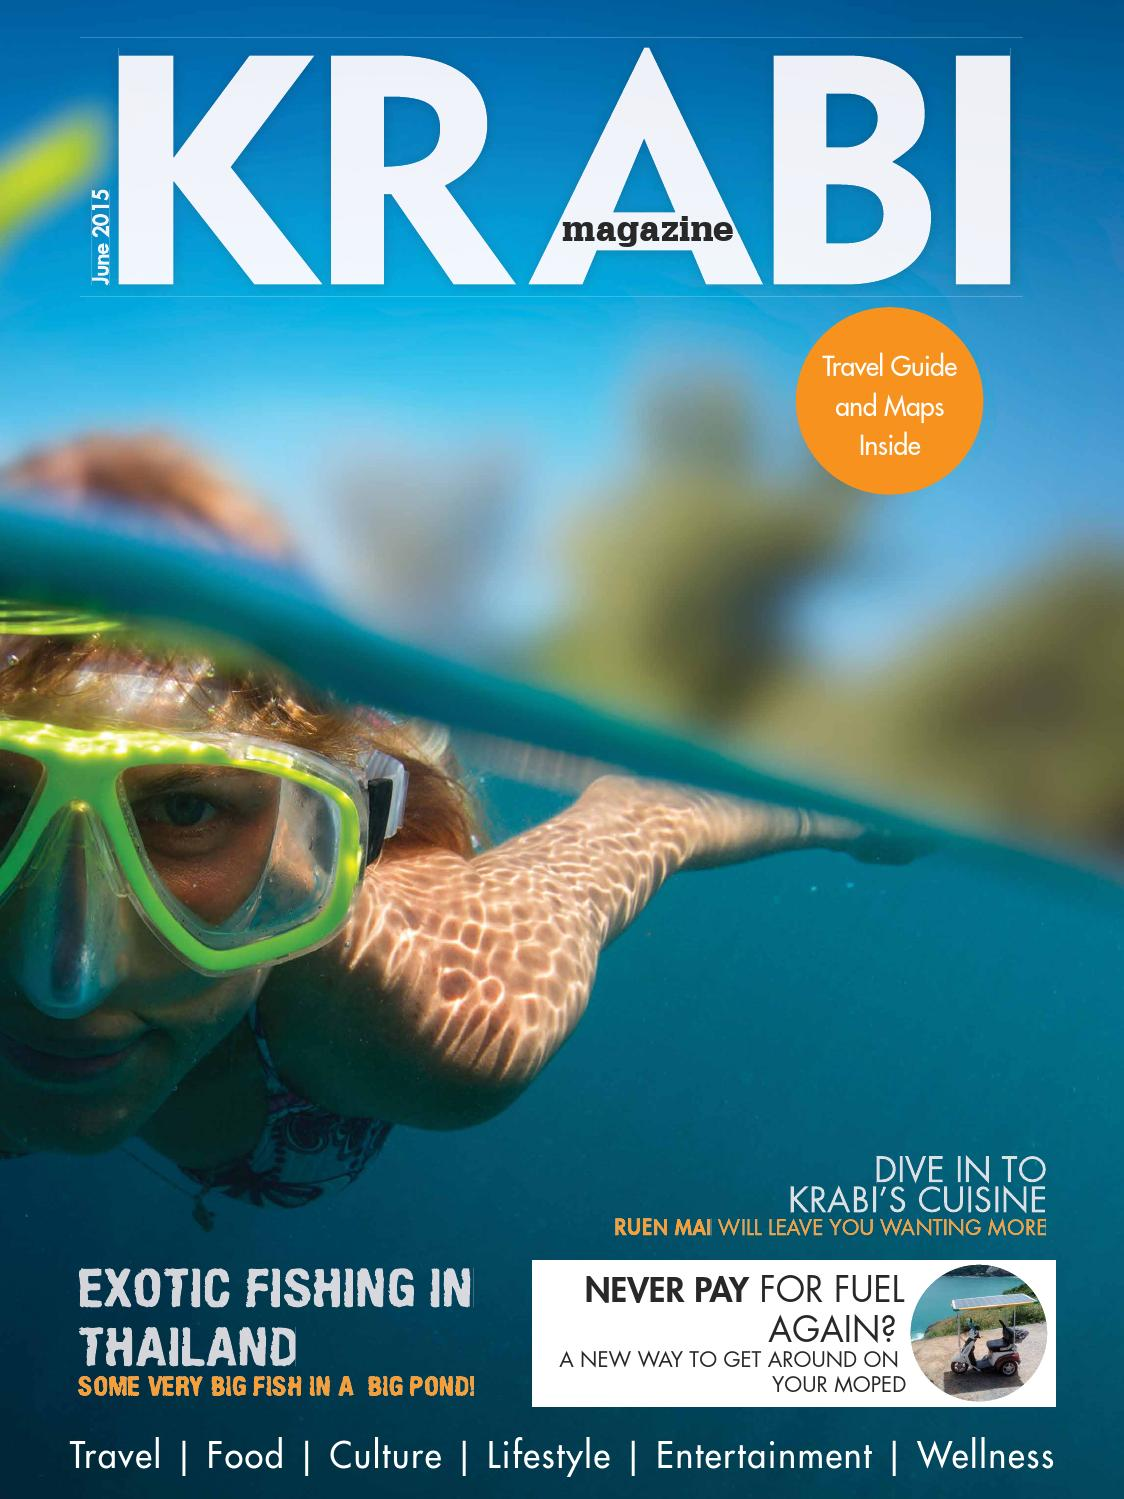 Krabi Magazine June 2015 By Kitdee Media Design Co Ltd